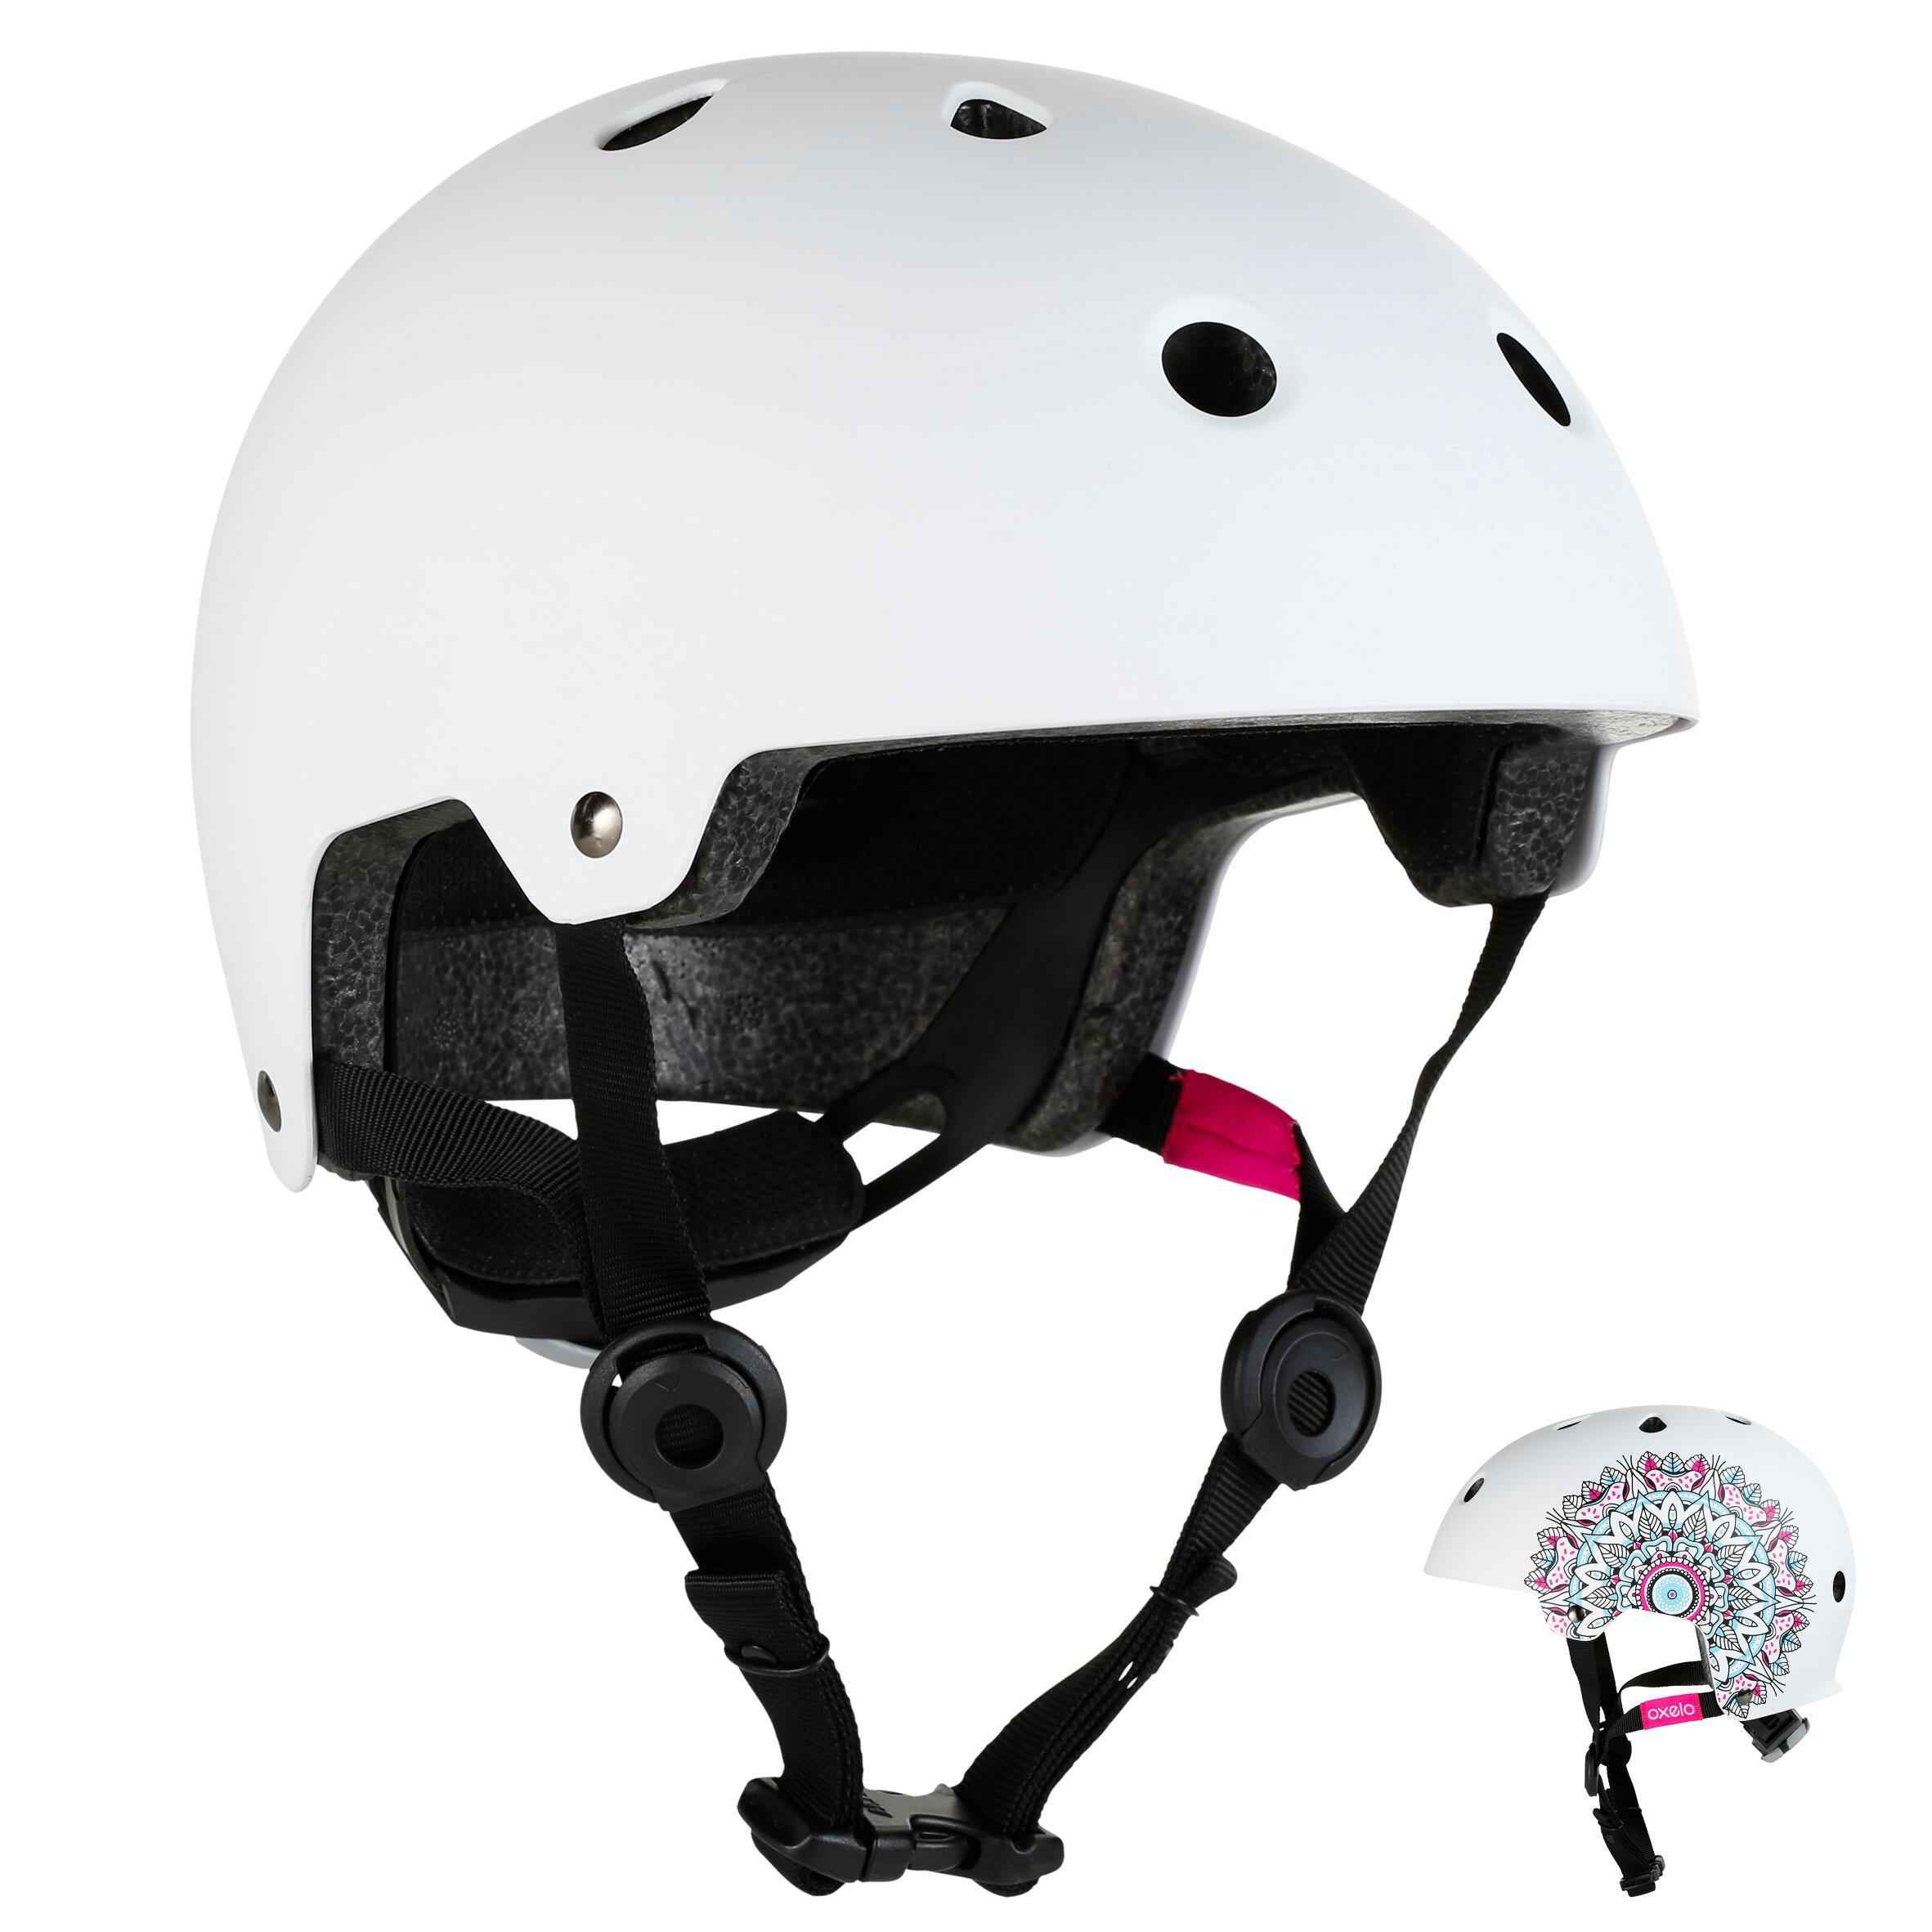 Oxelo Helm Play 7 voor skeeleren, skateboarden, steppen, fietsen maat M Sakura